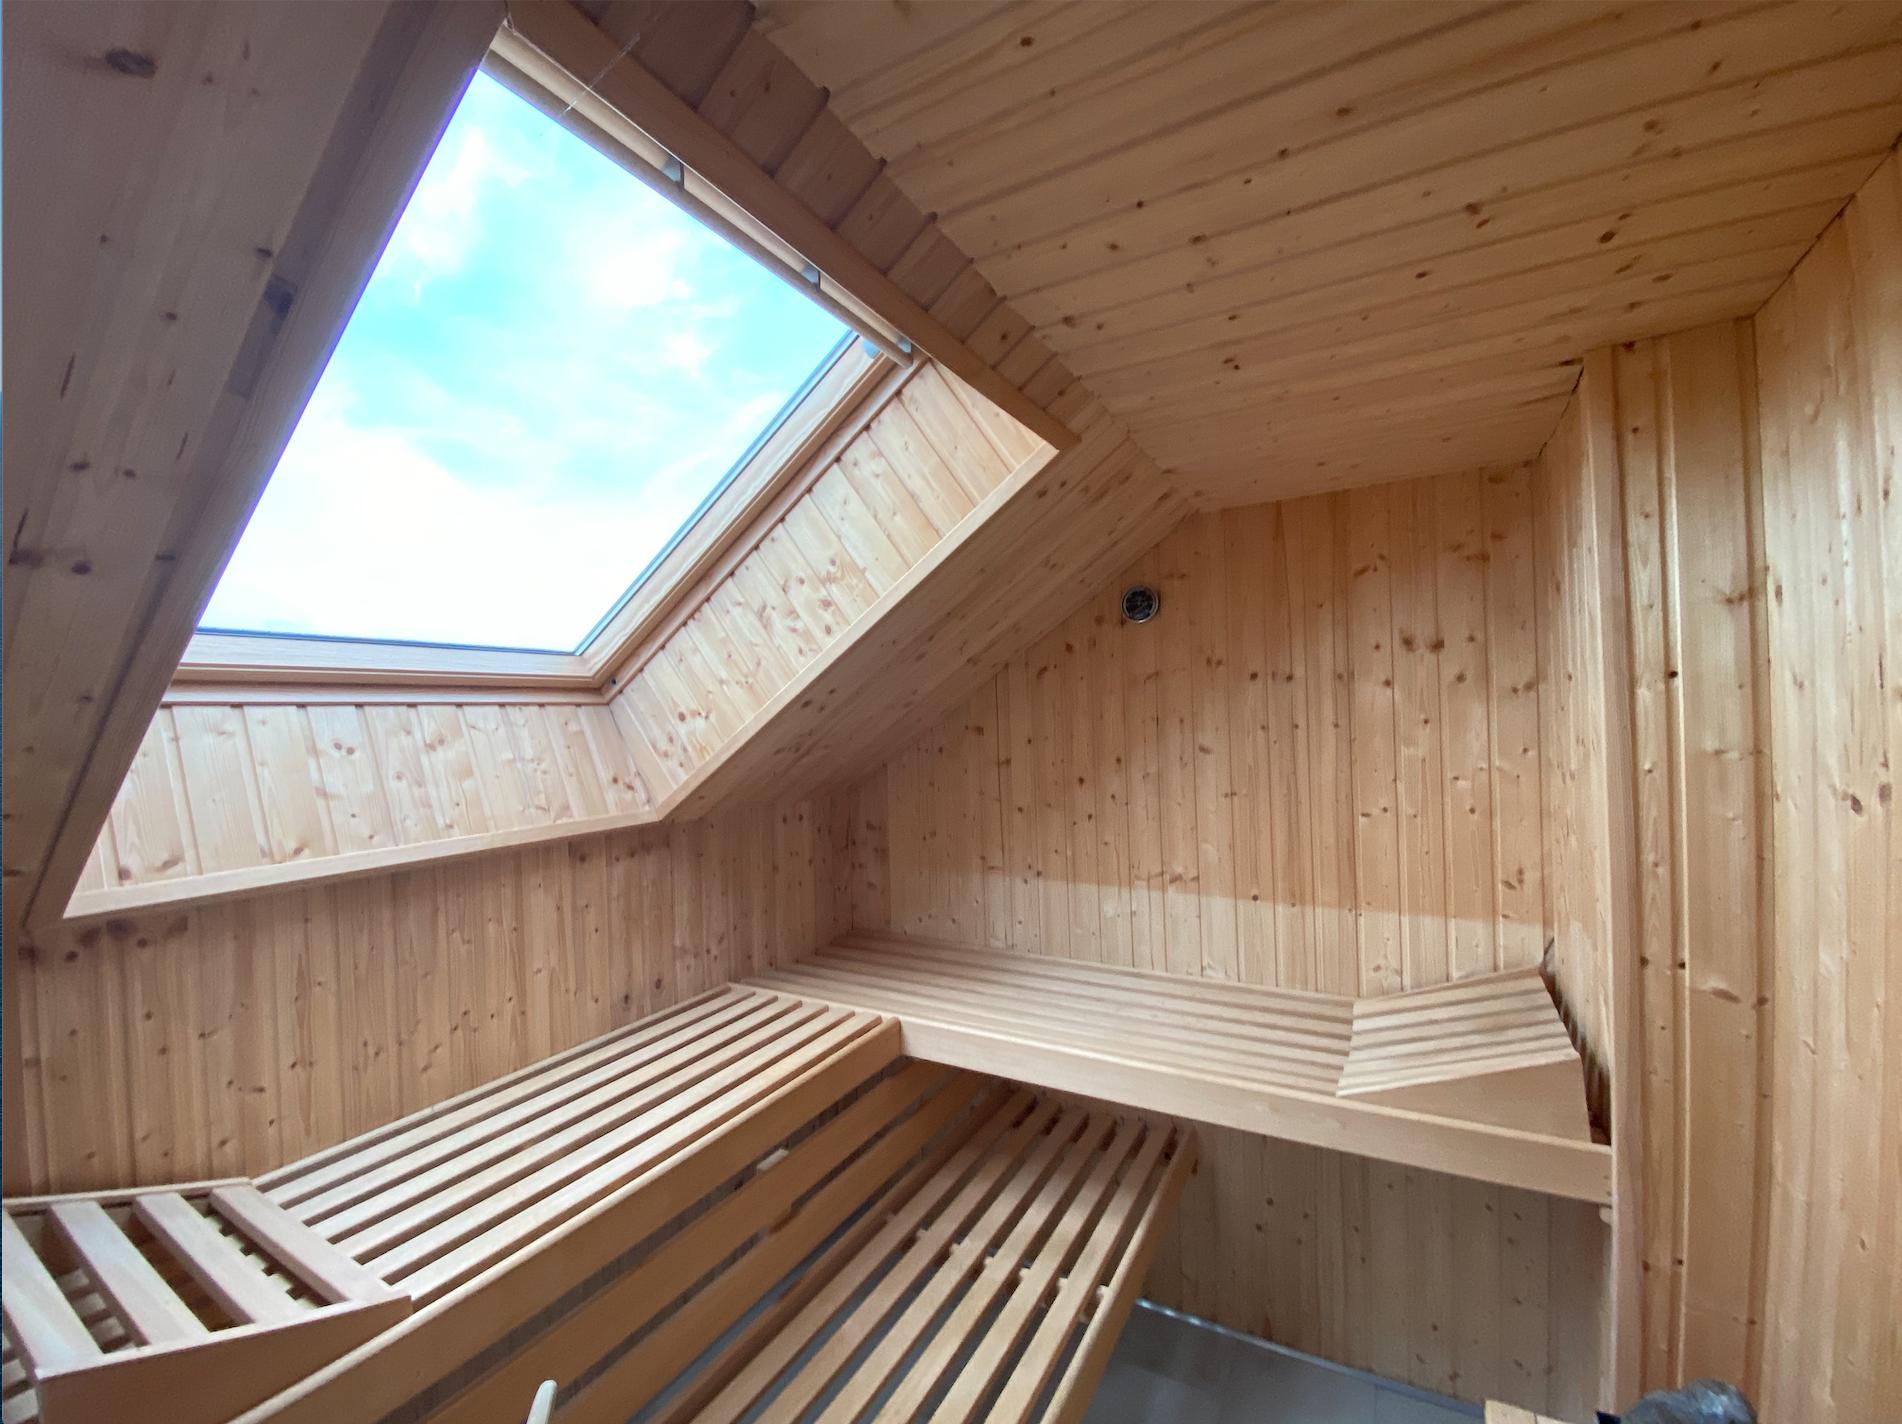 Individualeinbau einer Sauna nach Maß inkl. Dachflächenfenster